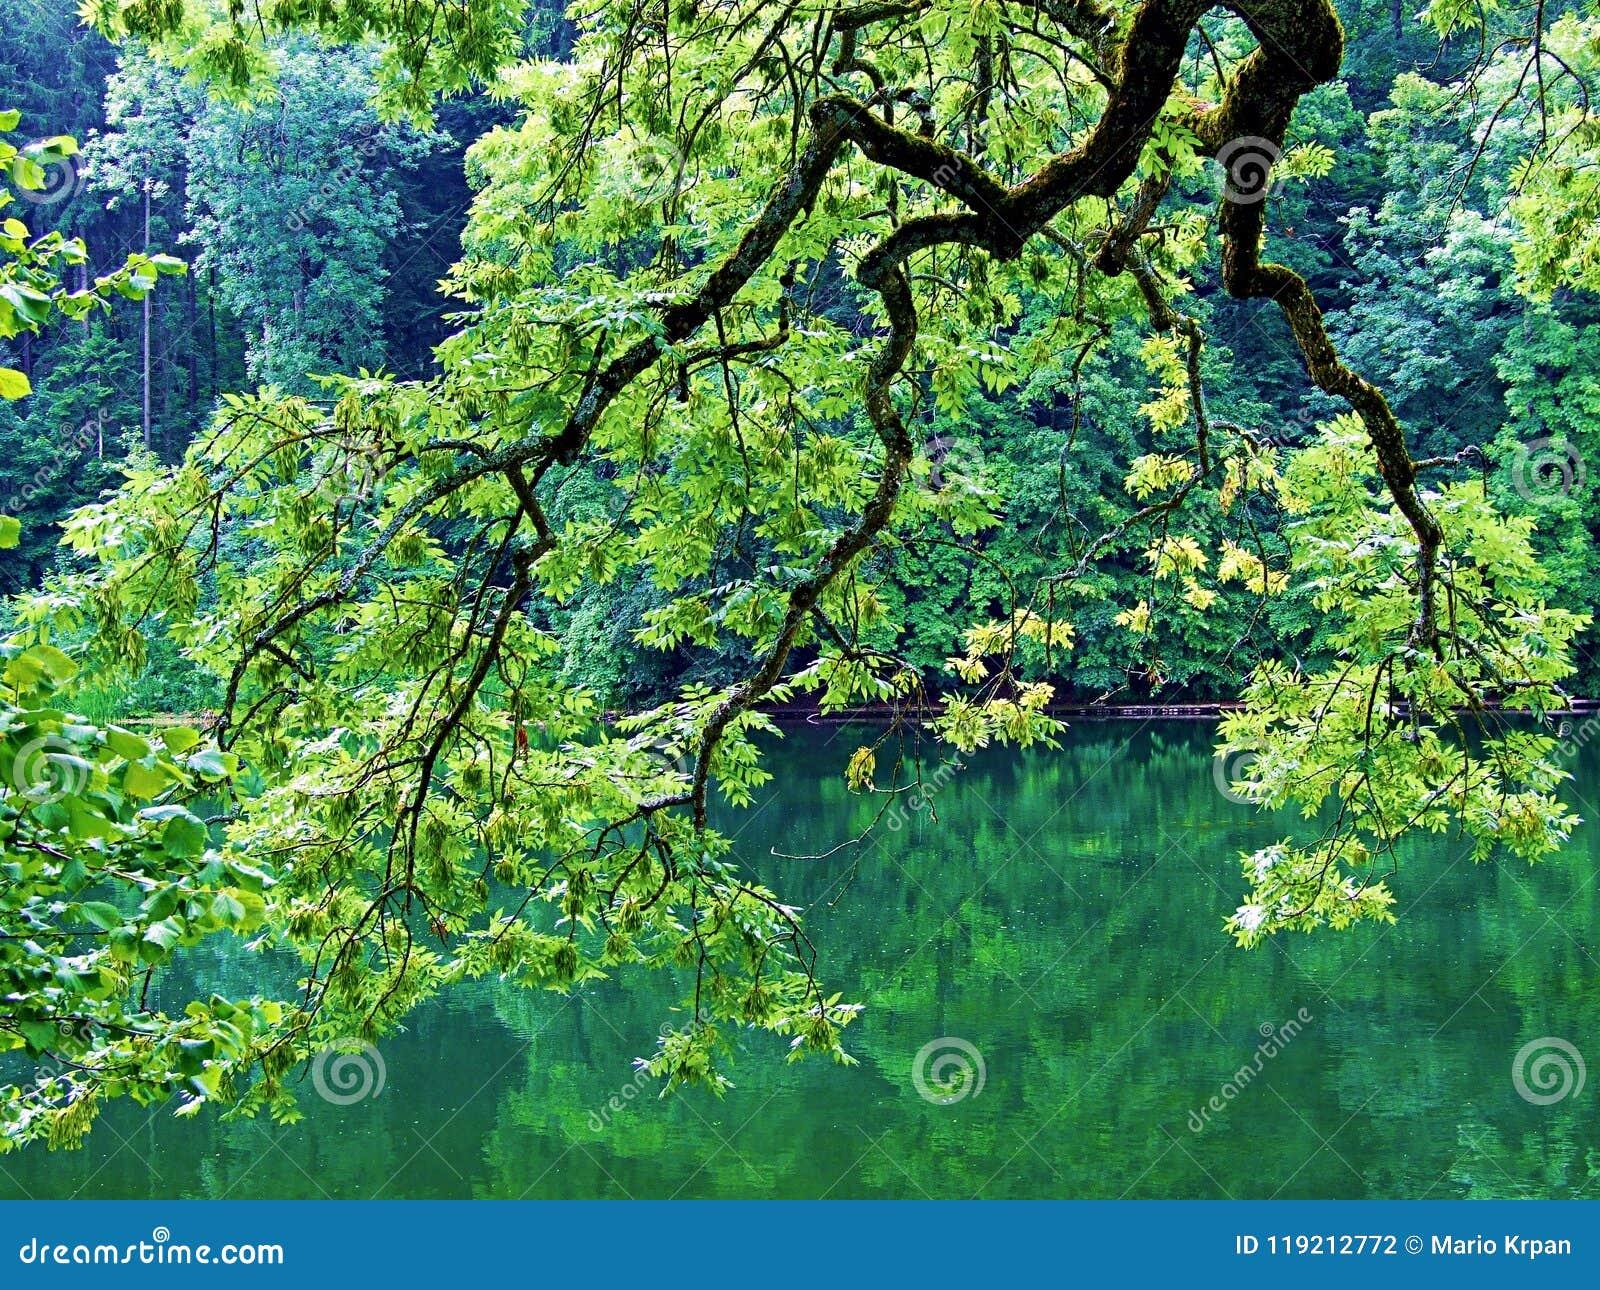 árbol, naturaleza, verde, árboles, bosque, primavera, paisaje, hojas, planta, hoja, agua, parque, río, cielo, sol, rama, verano,